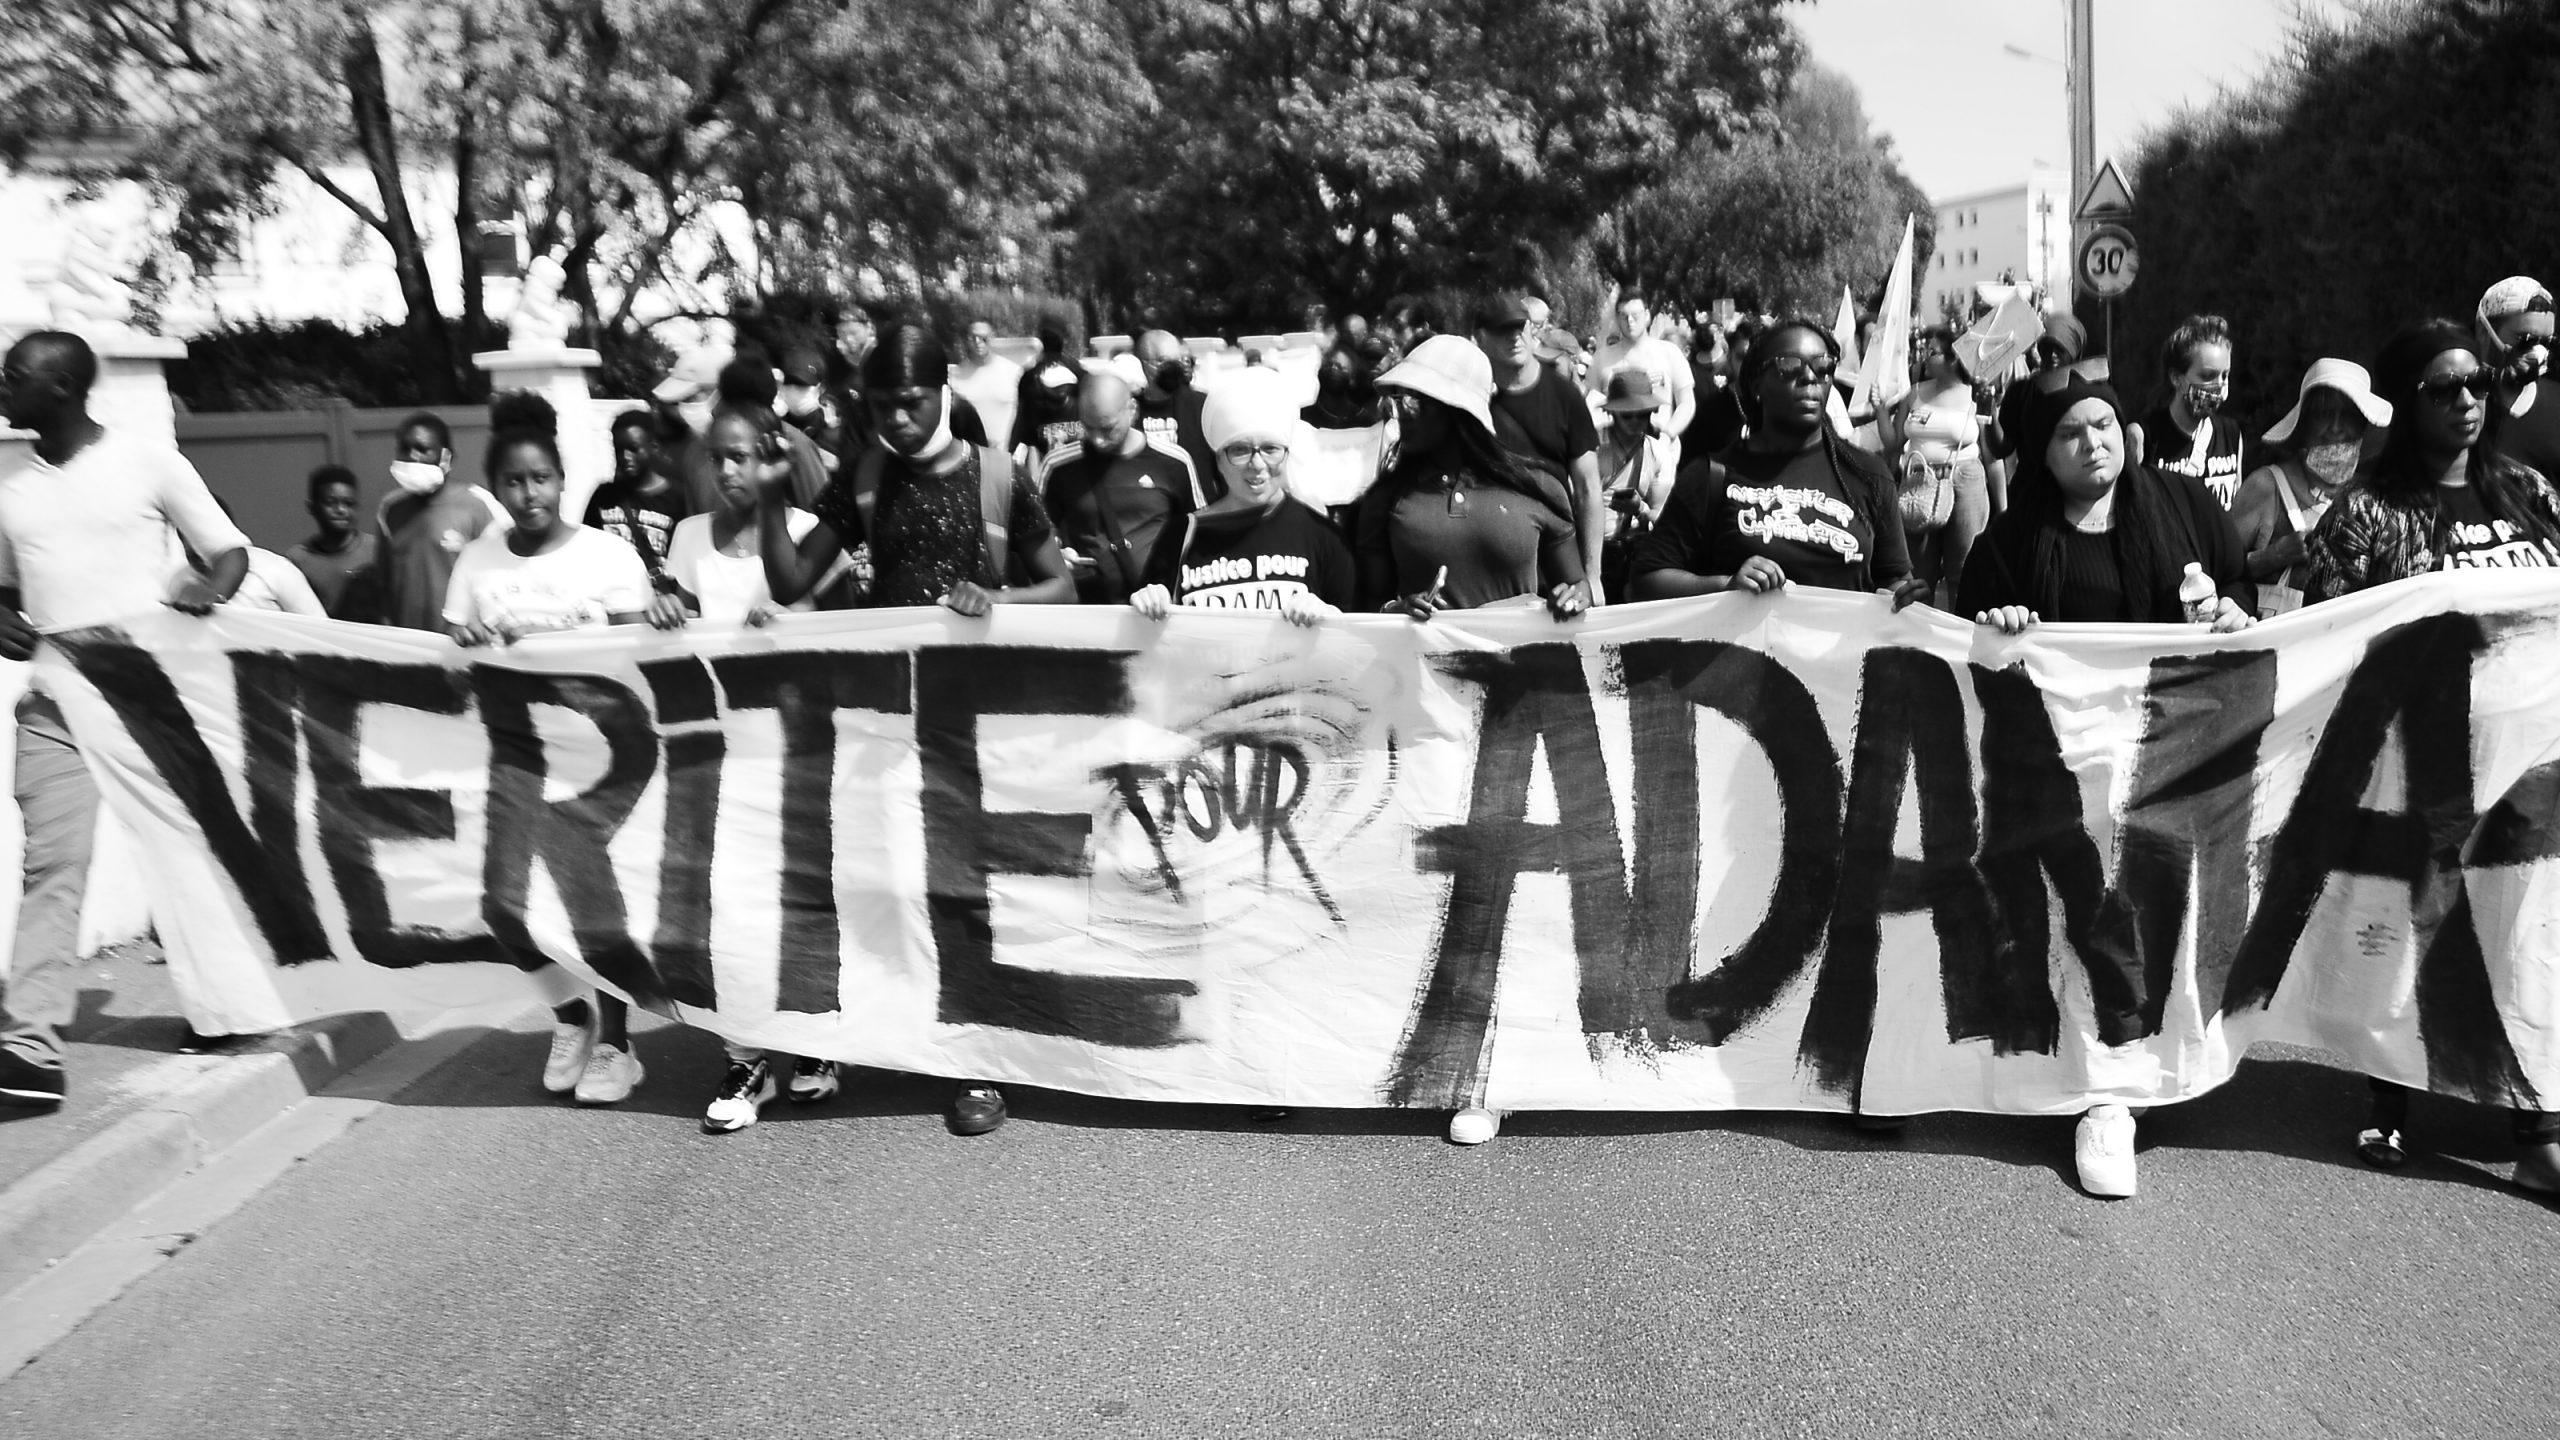 Justice pour Adama - Acte IV reportage du MCI (photos, vidéos)